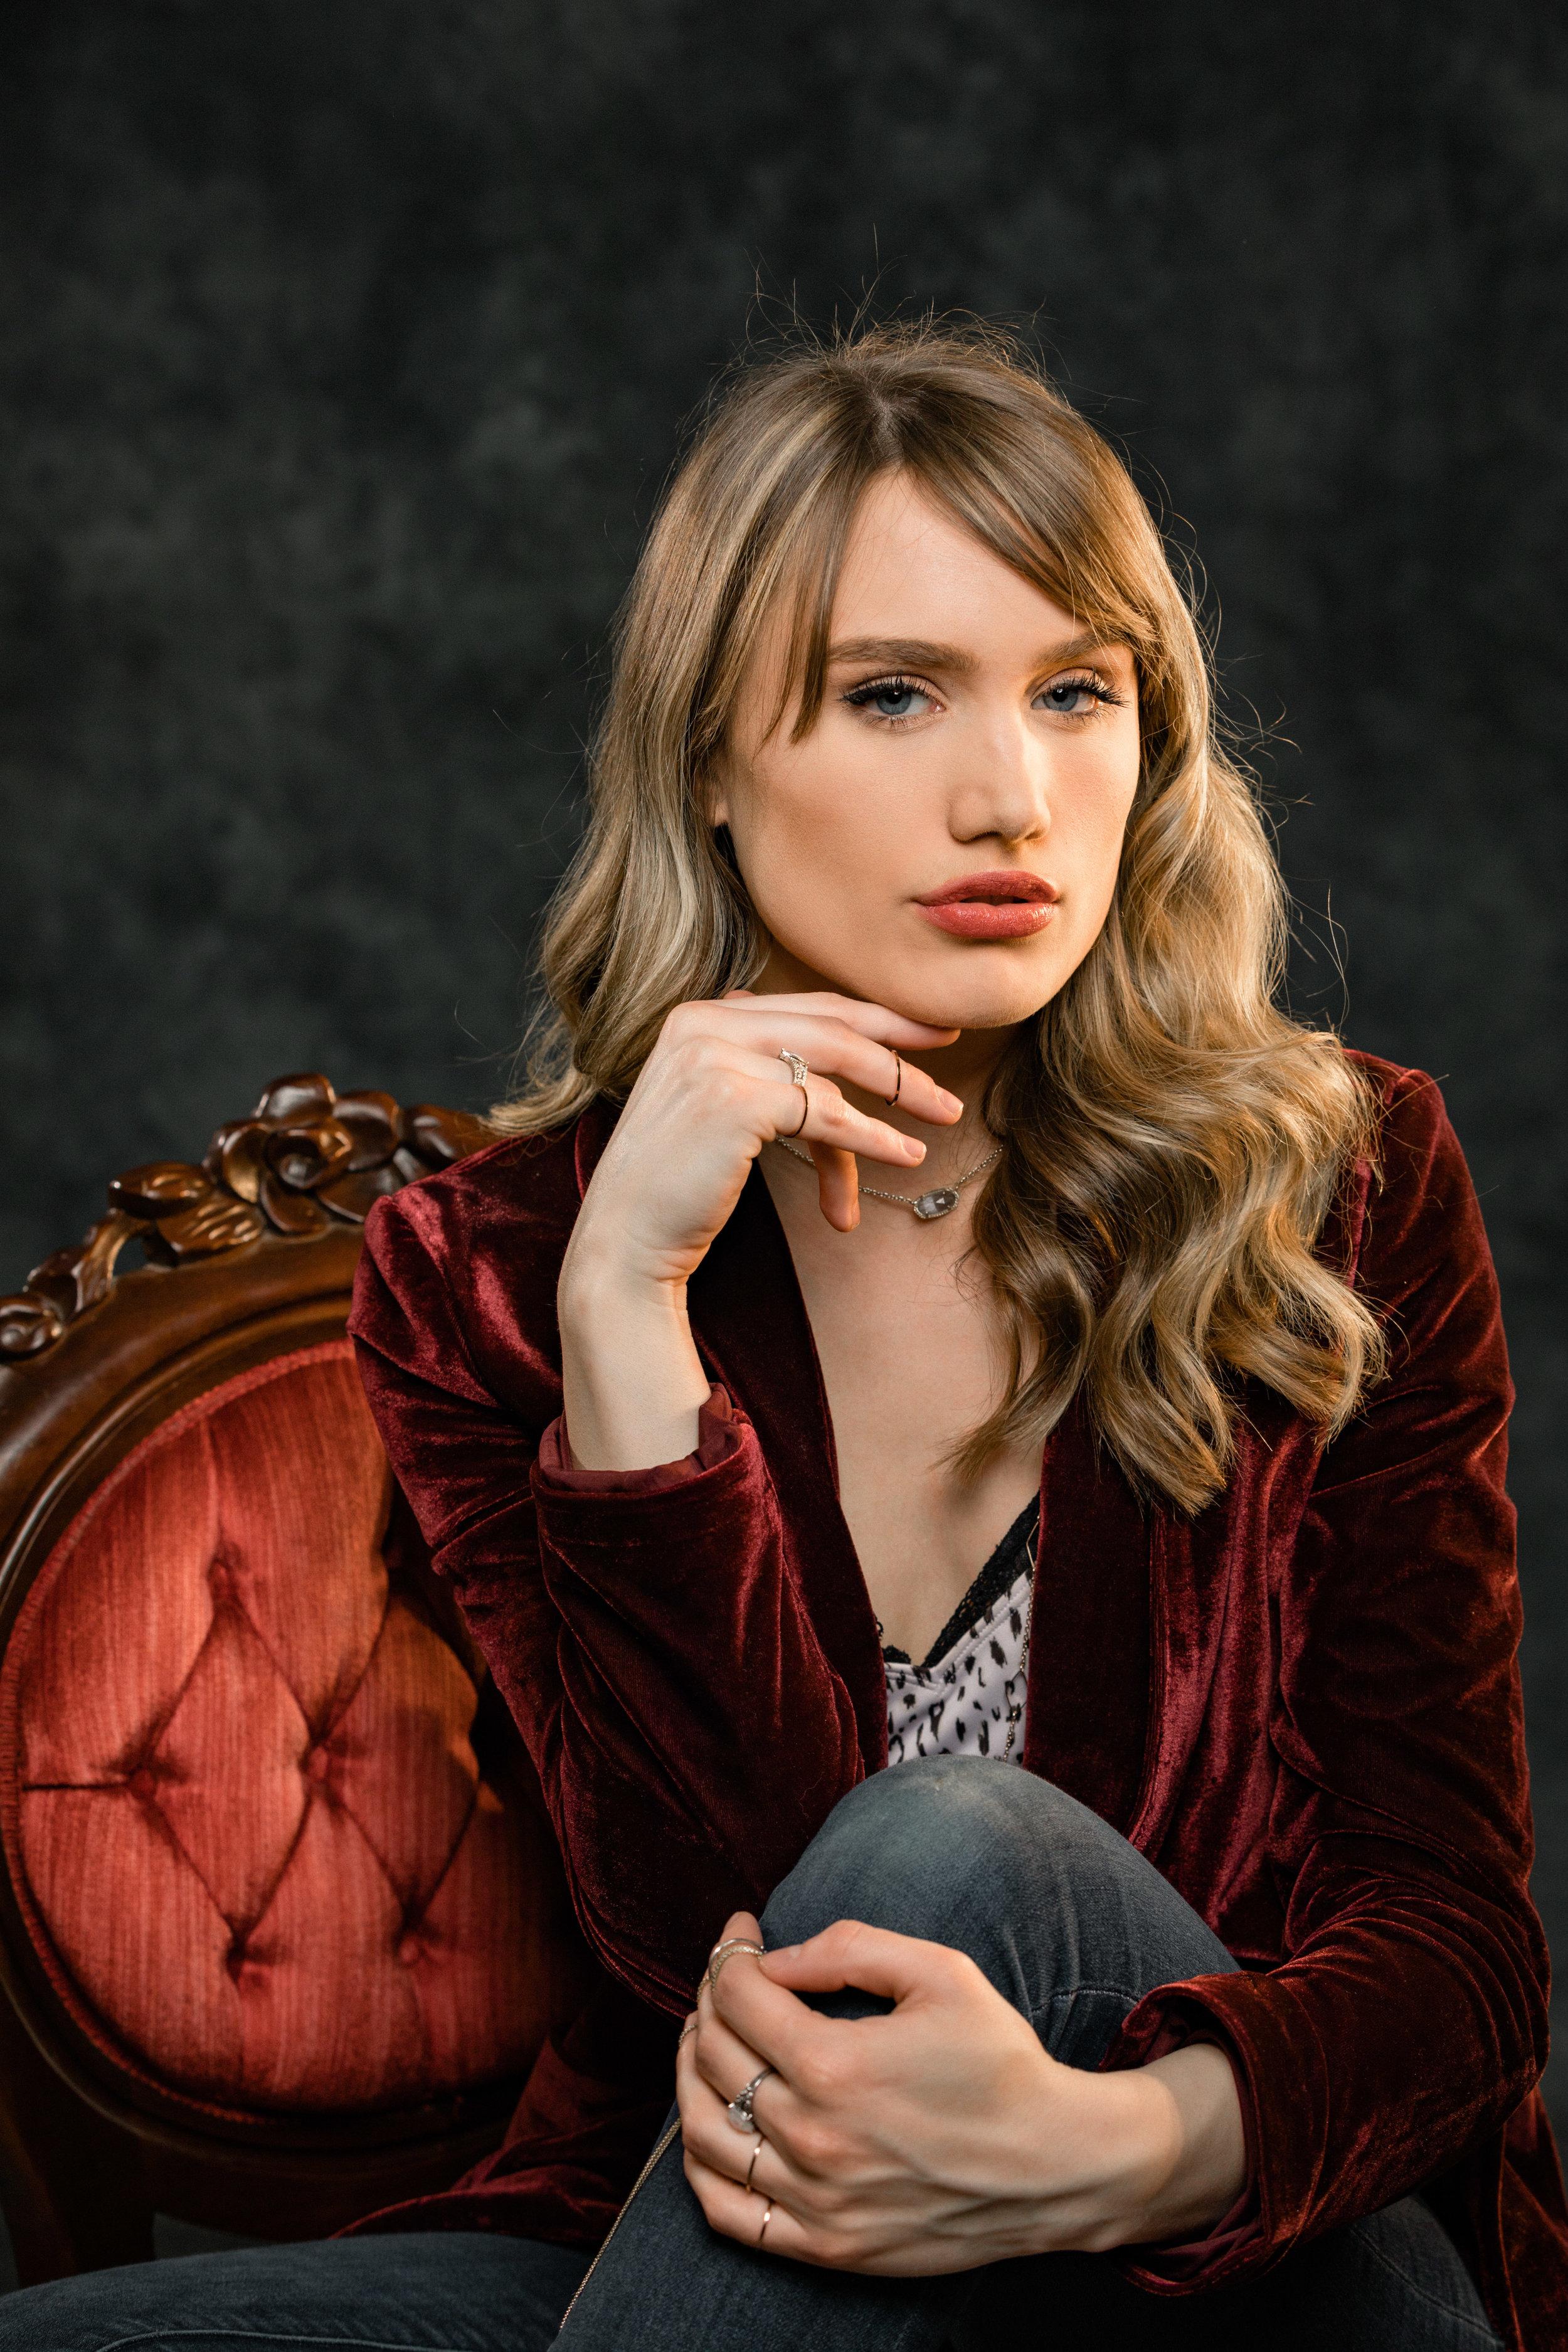 Kate Ilb April 2018 0G5A9496.jpg